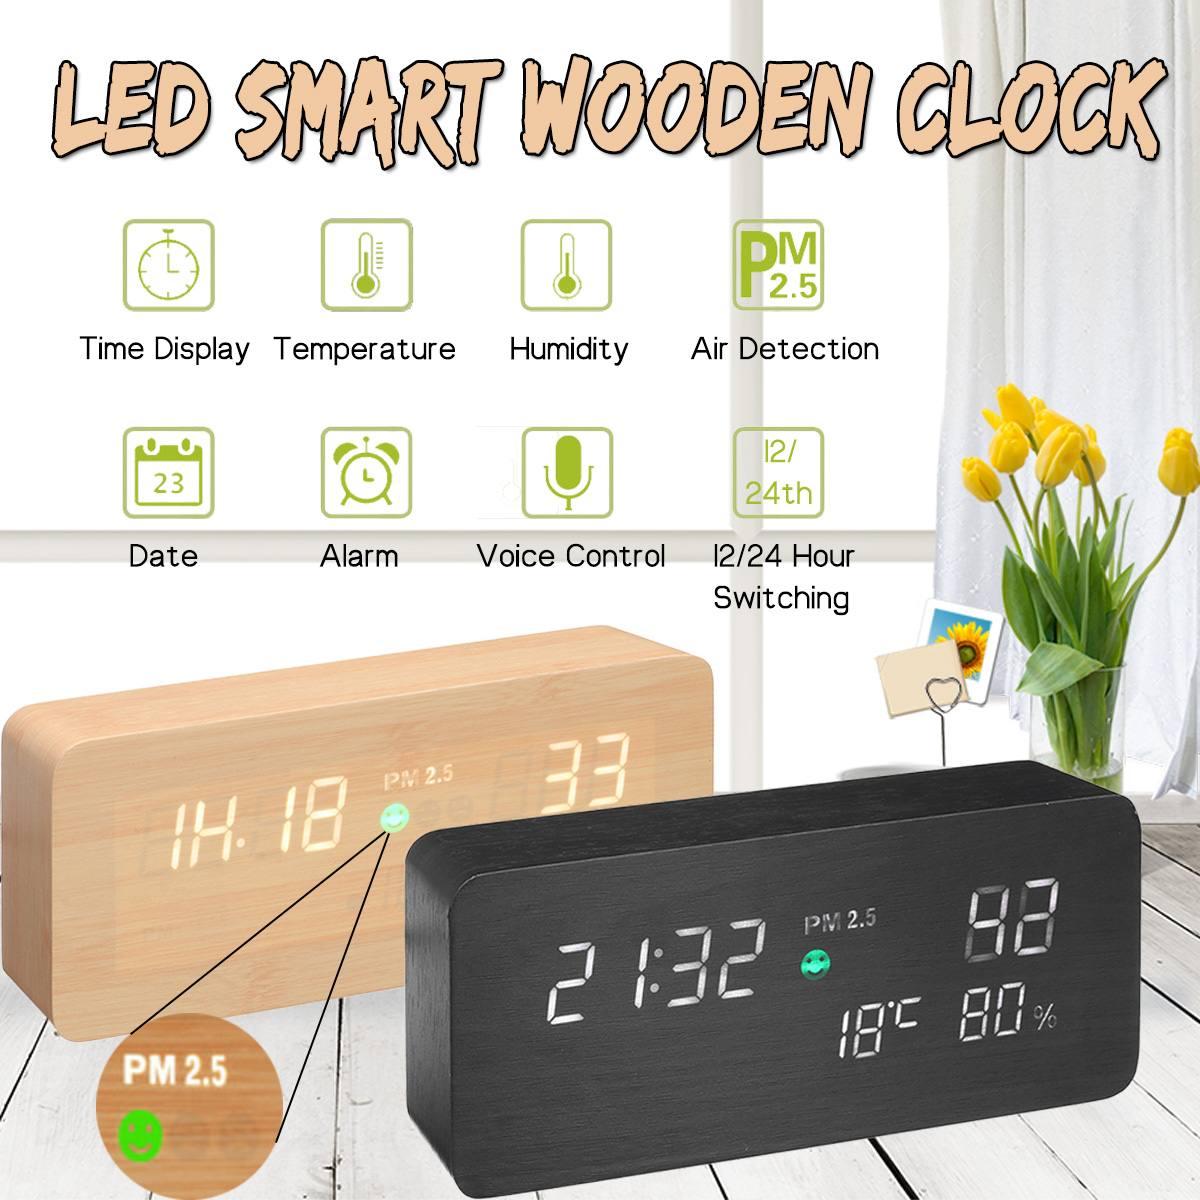 En bois led PM 2.5 Air Détecteur Sound Control alarme numérique Horloge Calendrier Température Humidité Air testeur de qualité Analyseur De Gaz